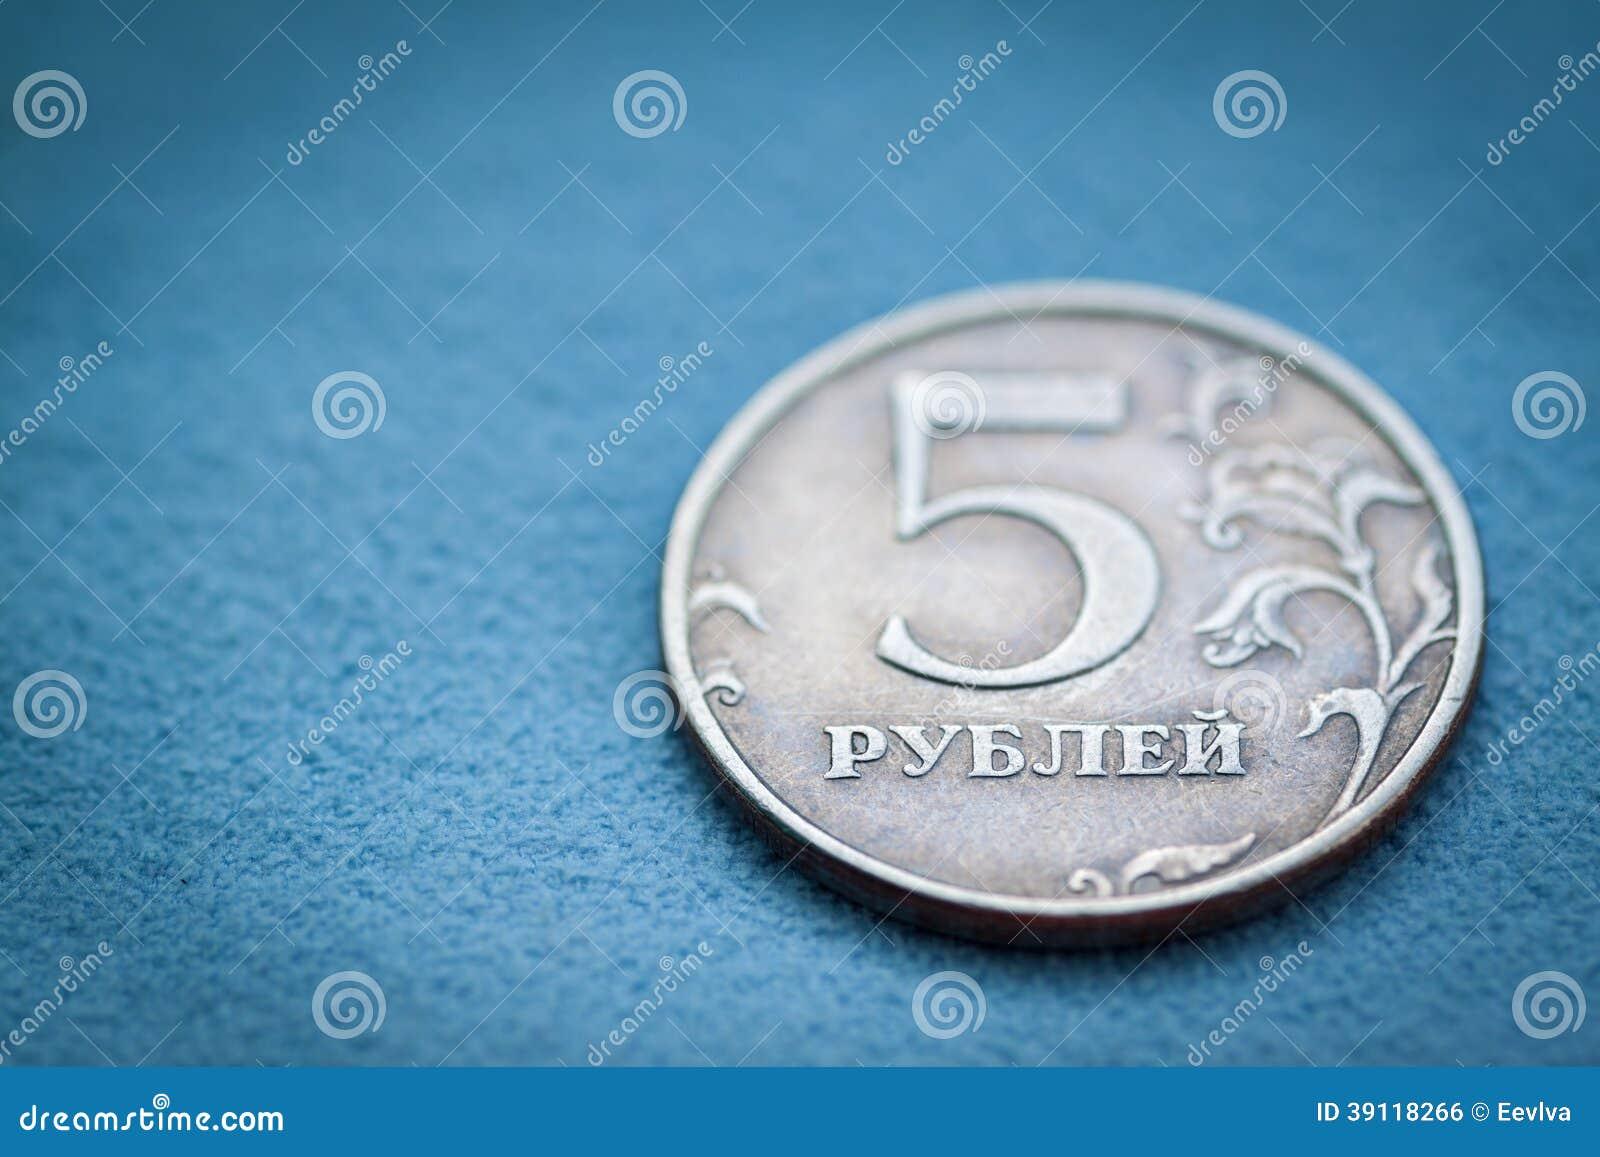 Russisch muntstuk - roebel vijf.